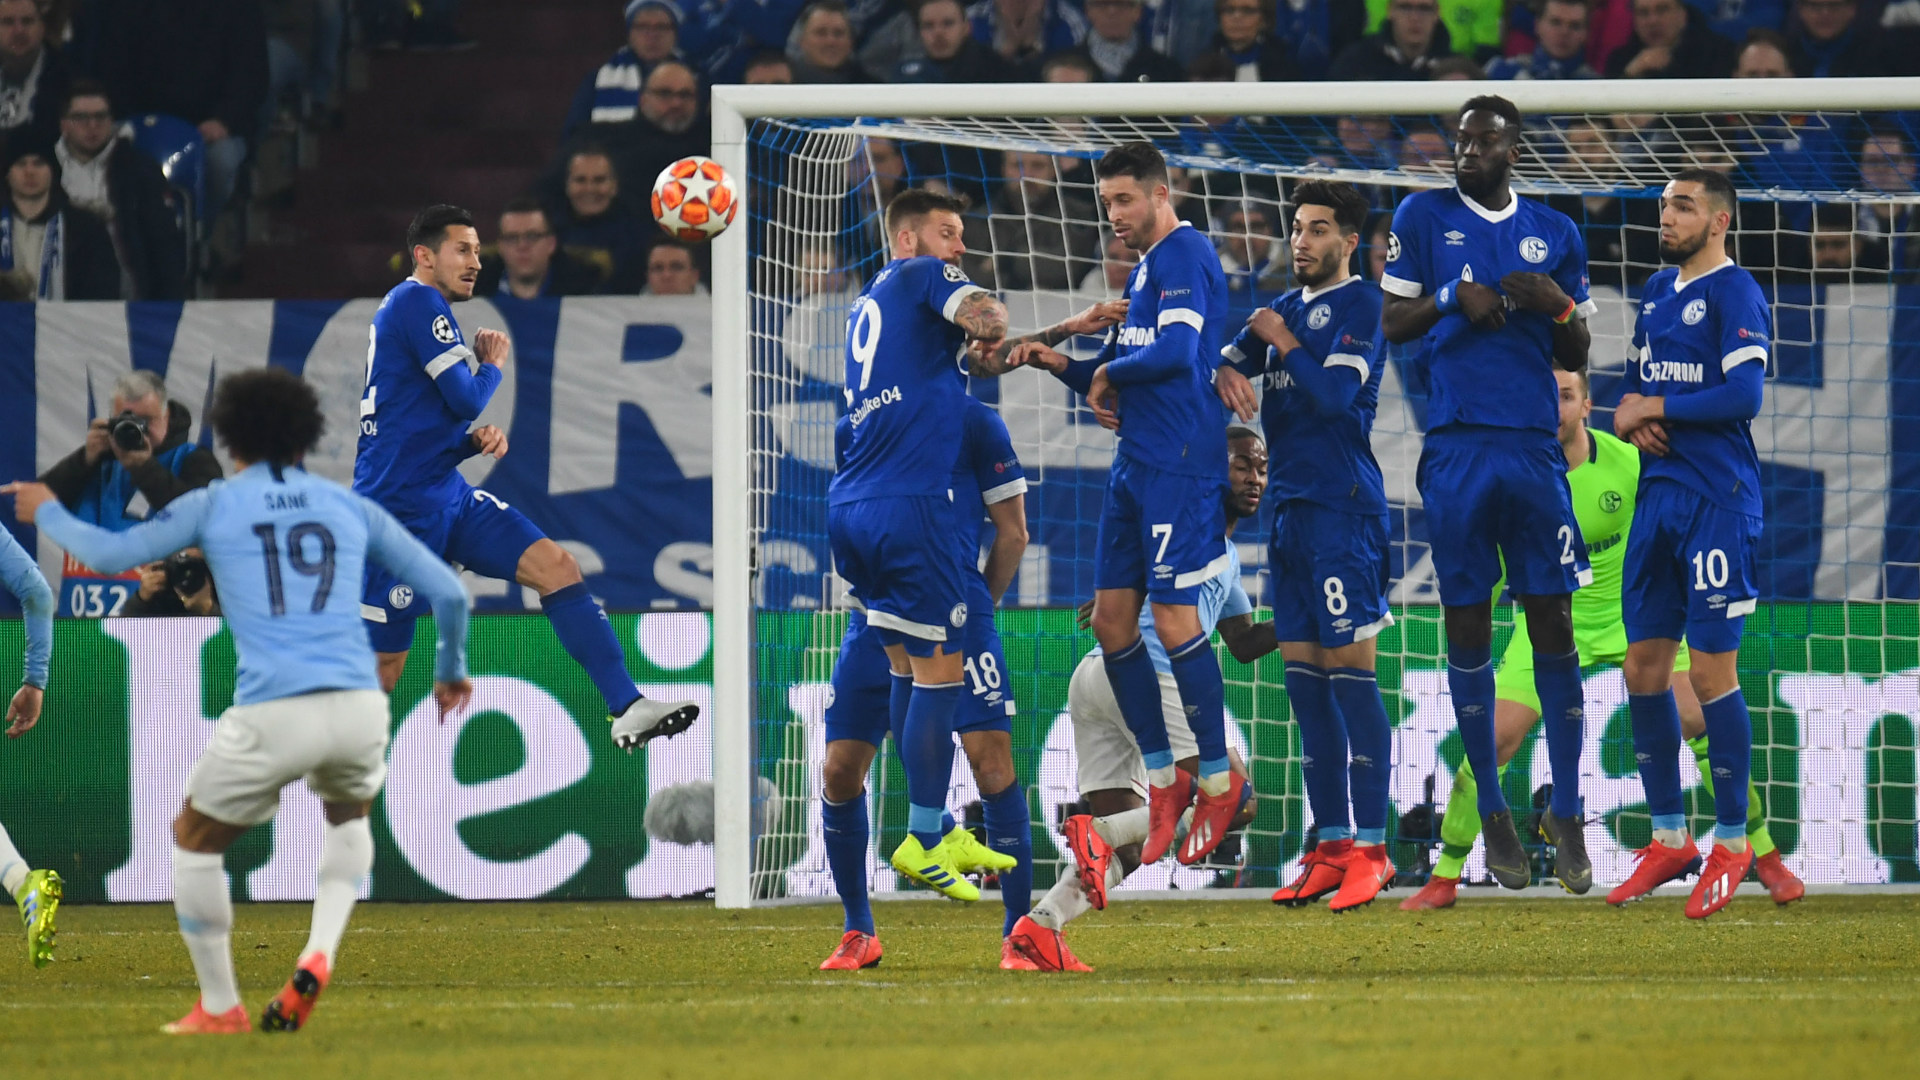 Welches Champions League Spiel Wird Гјbertragen Zdf